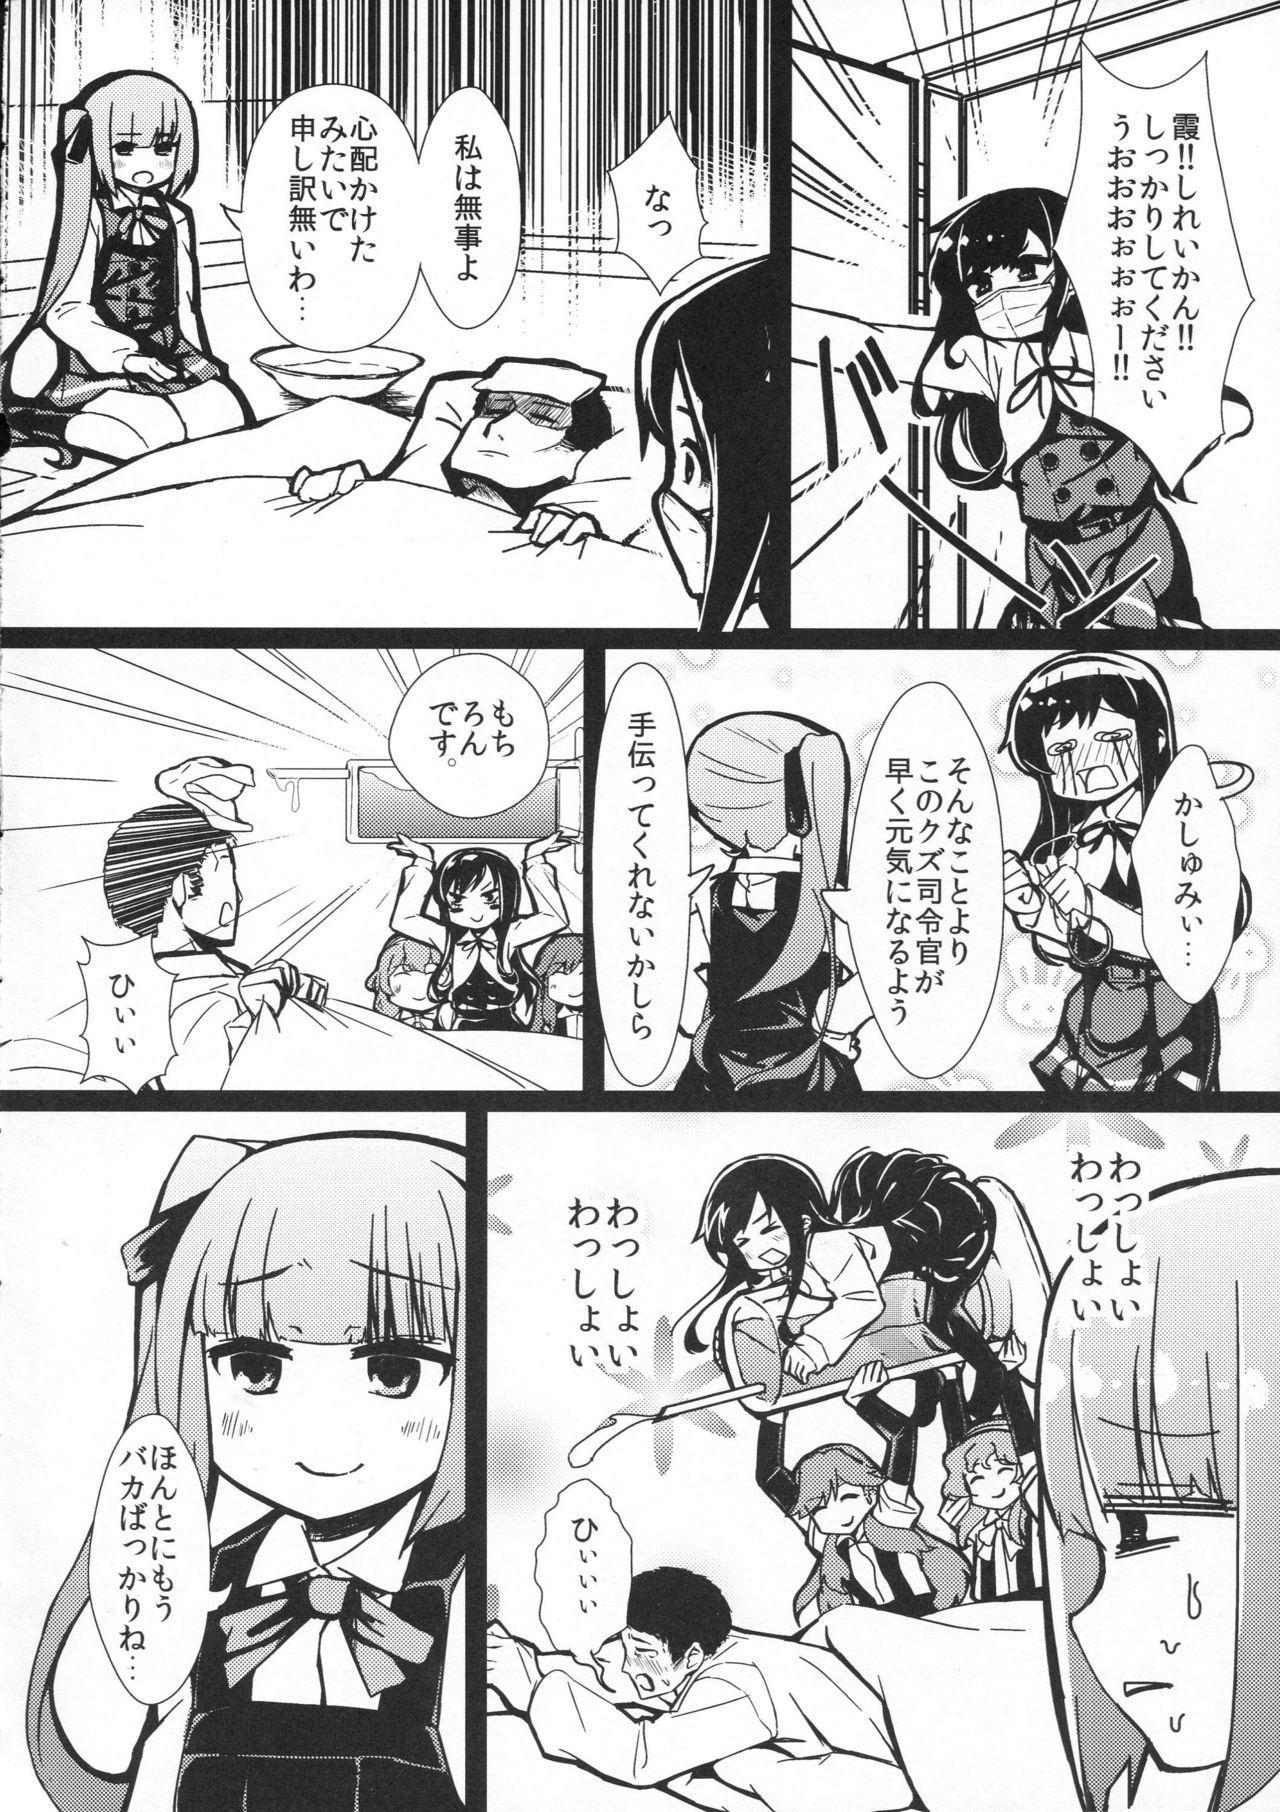 Kasumi to Sukebe shitai 18